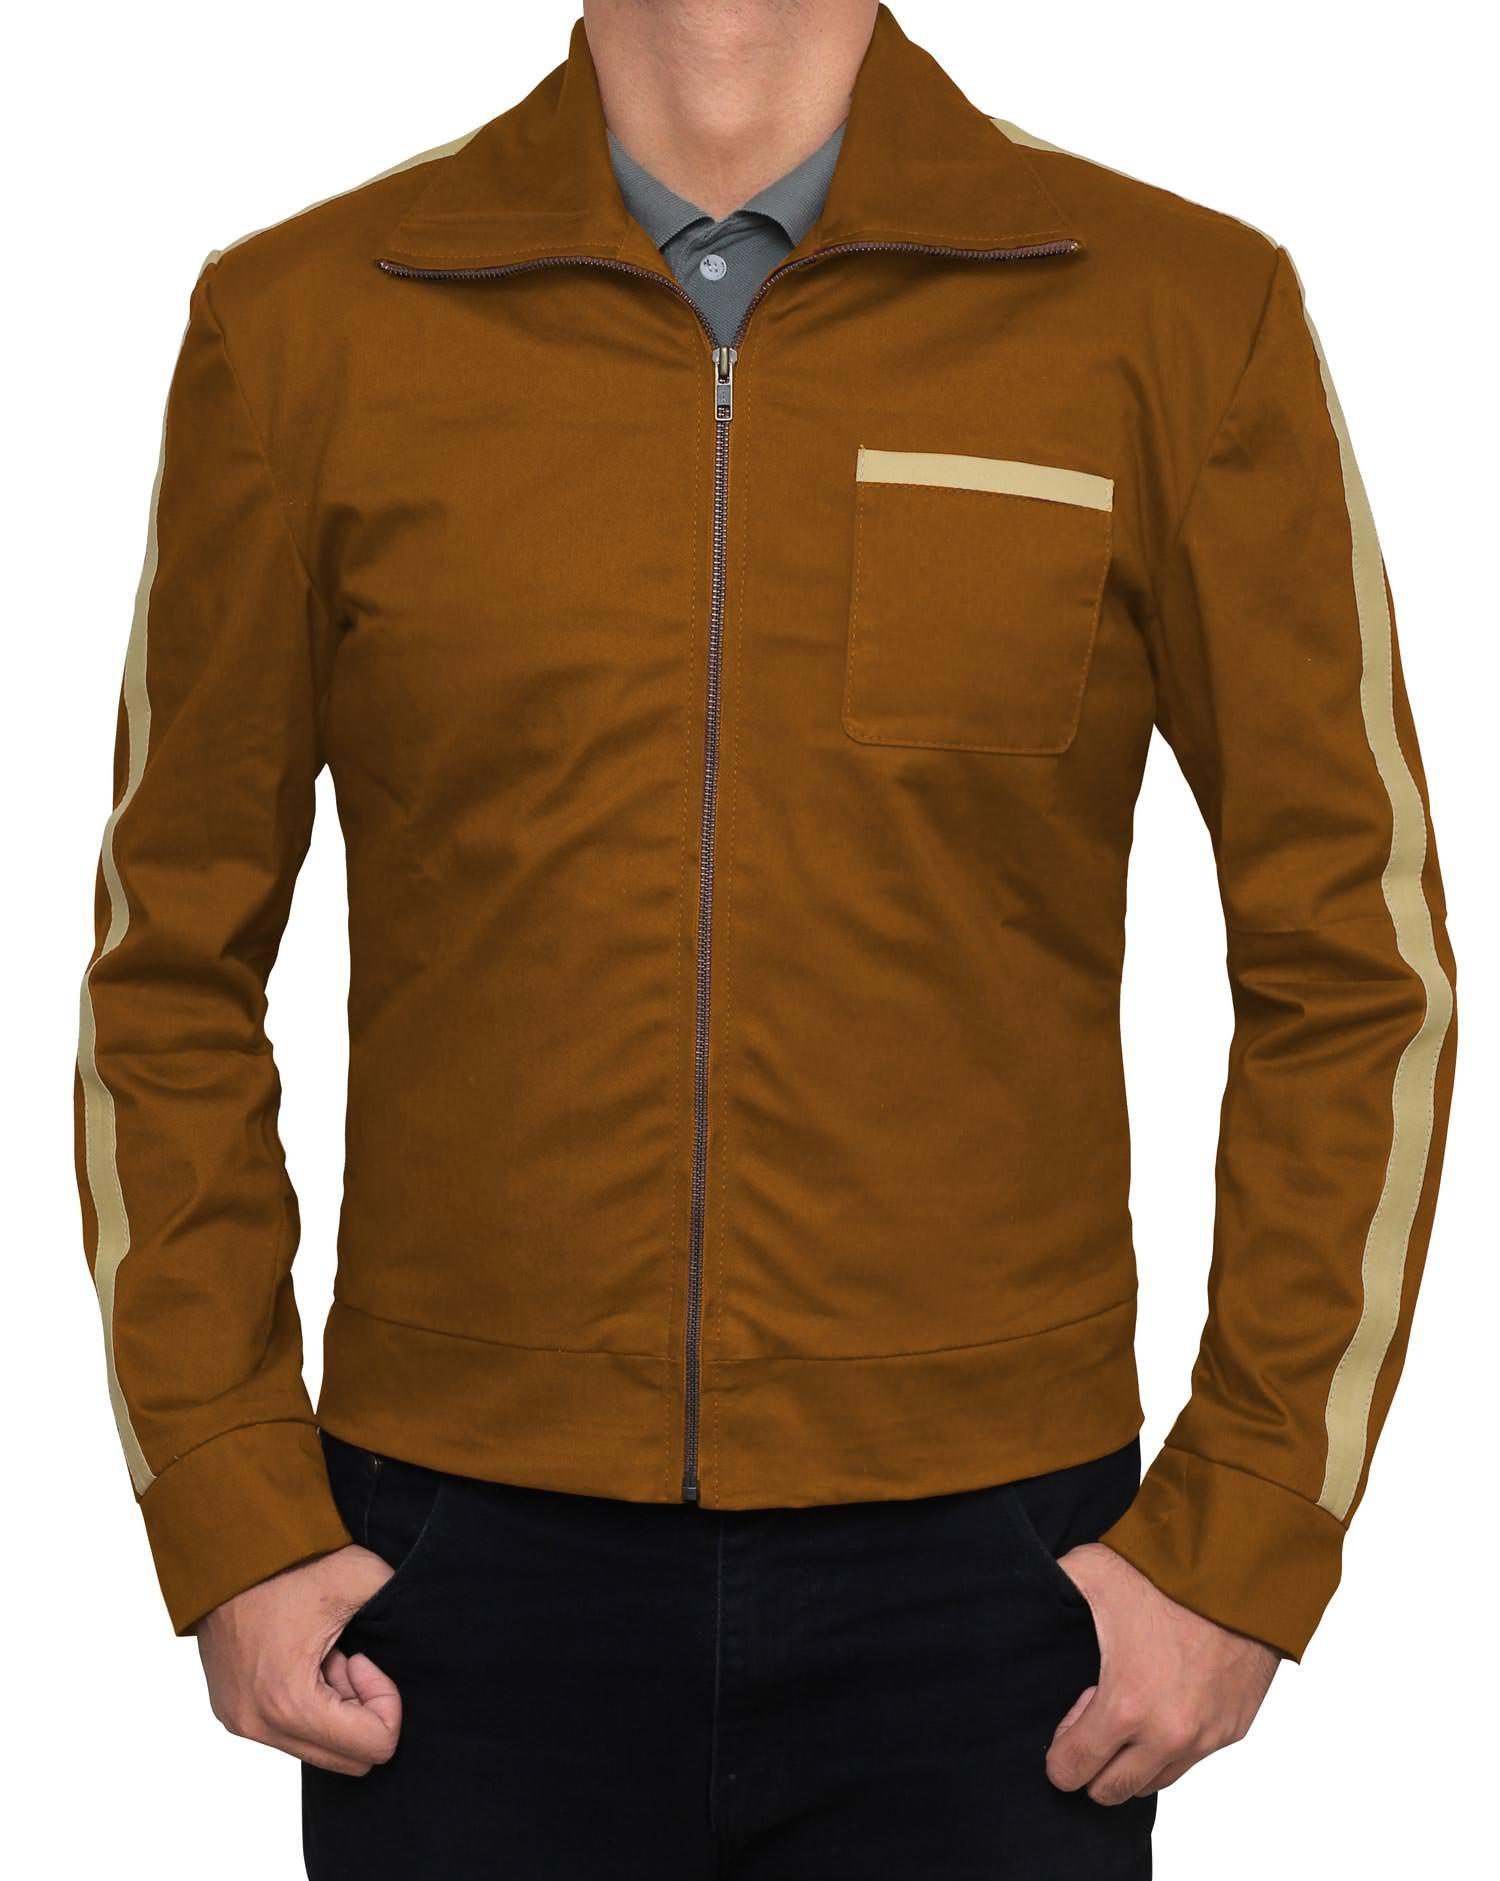 Mens Legion Dan Stevens Jacket - Light Summer Jacket | Legion Jacket, L